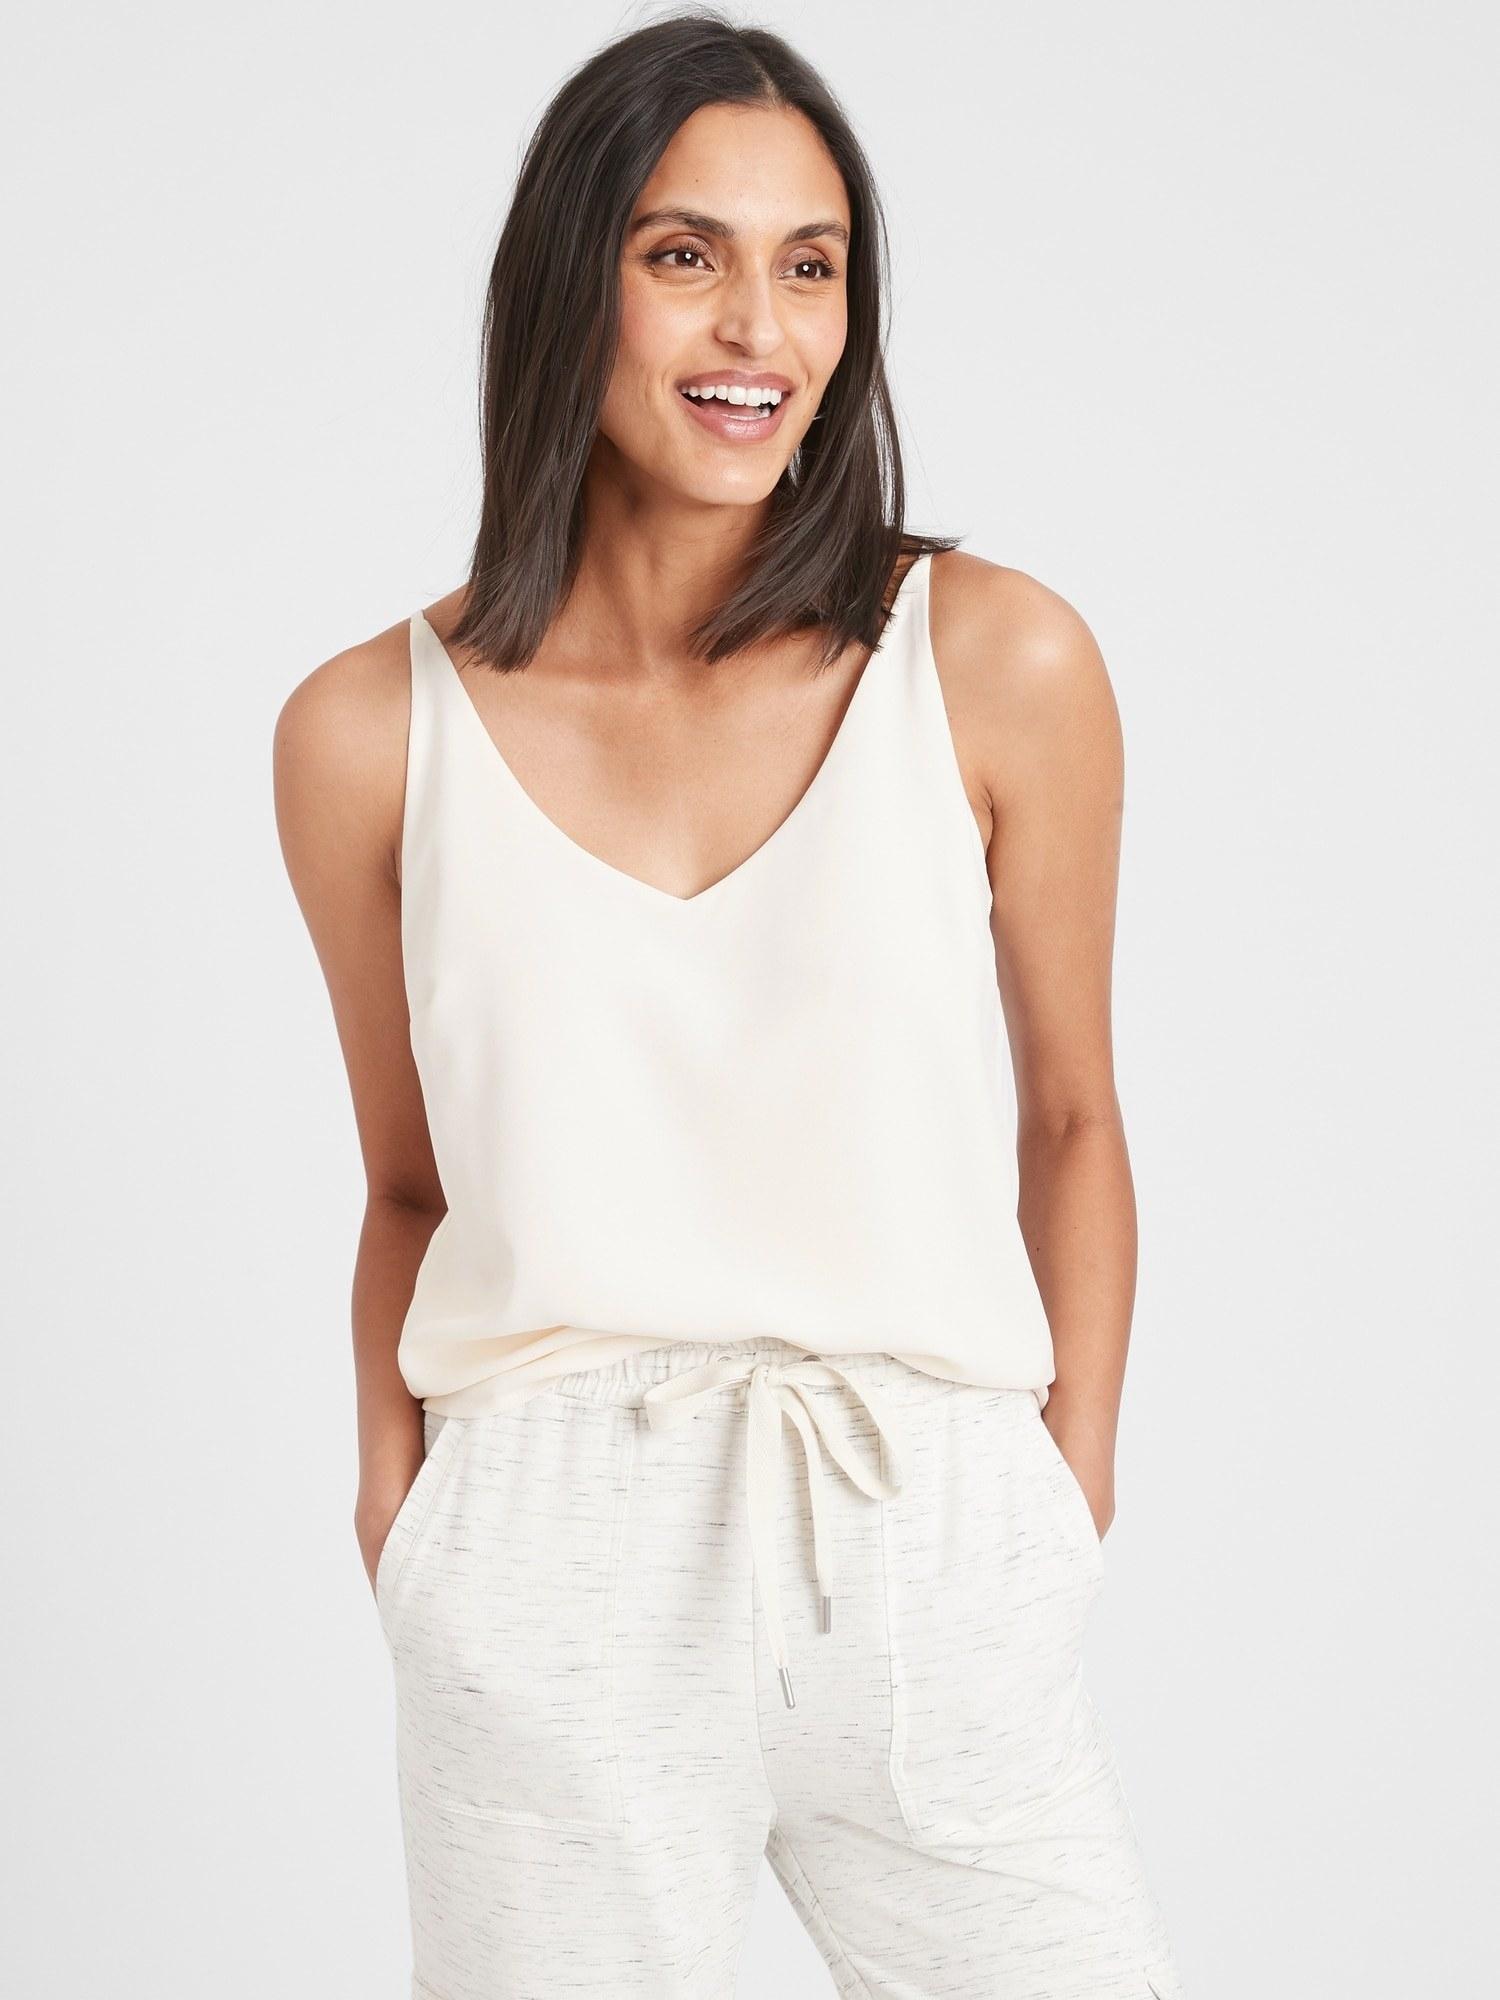 Model in the white cami